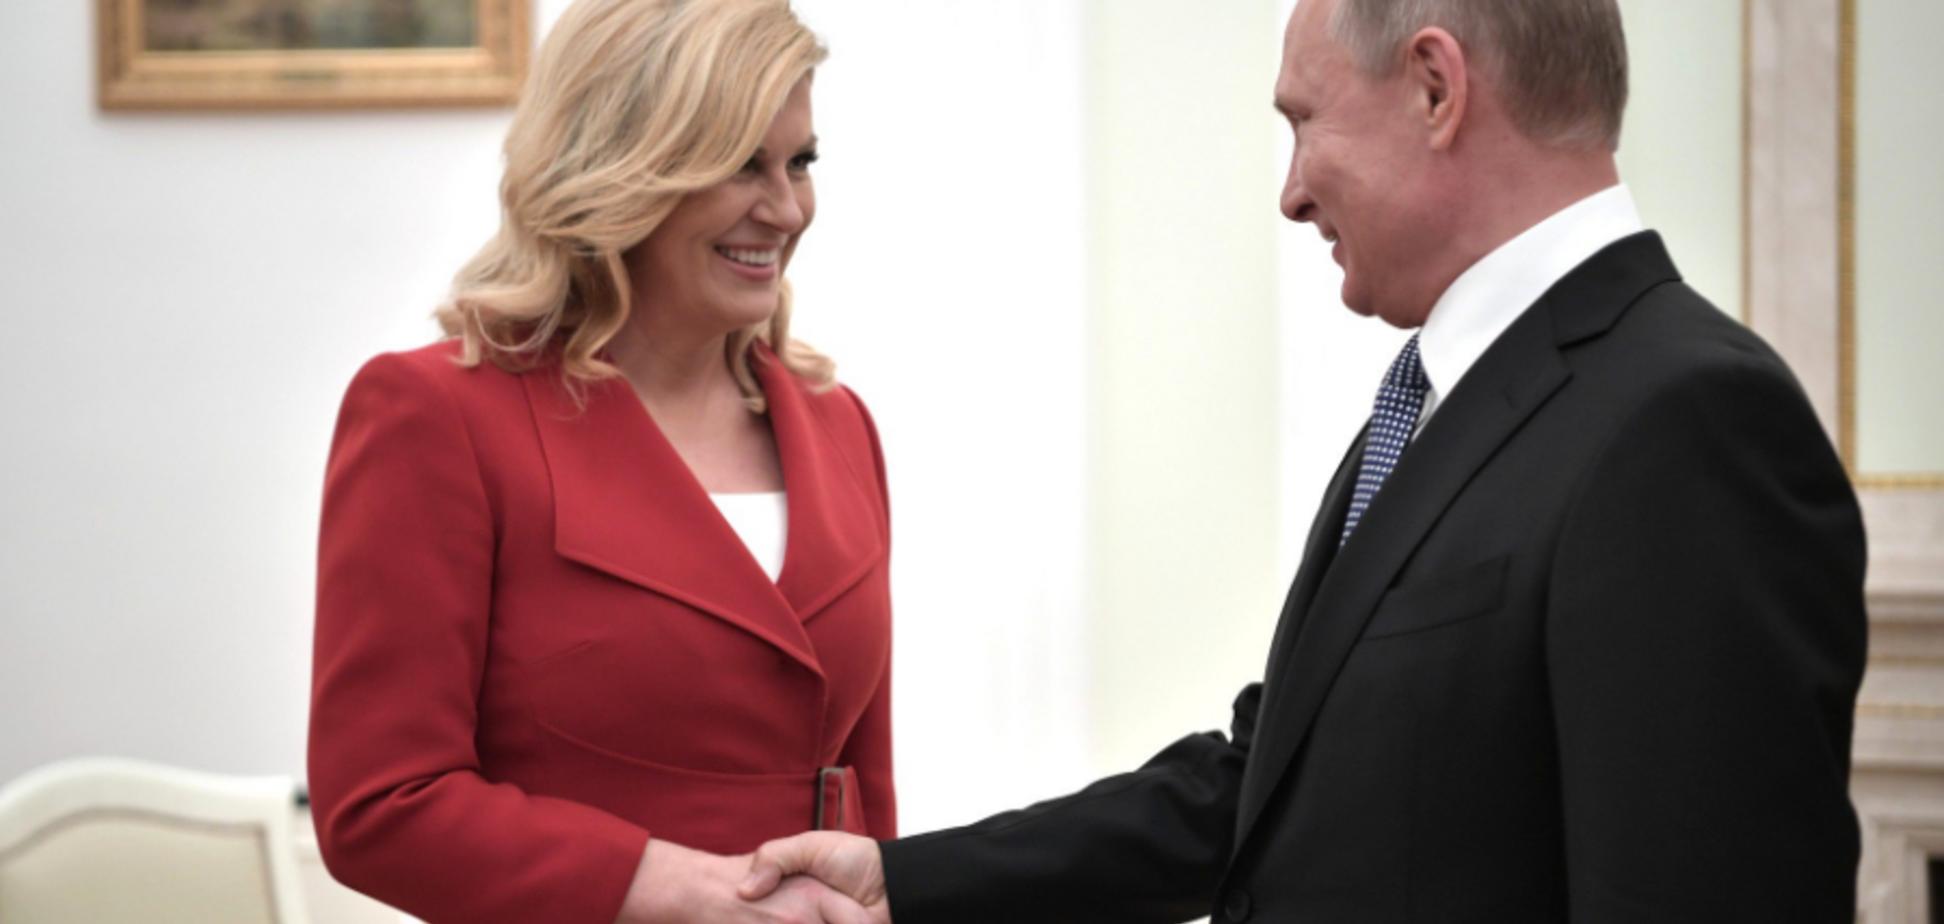 'Знову на табуретку ставав?' У мережі помітили нову аномалію зі зростом Путіна